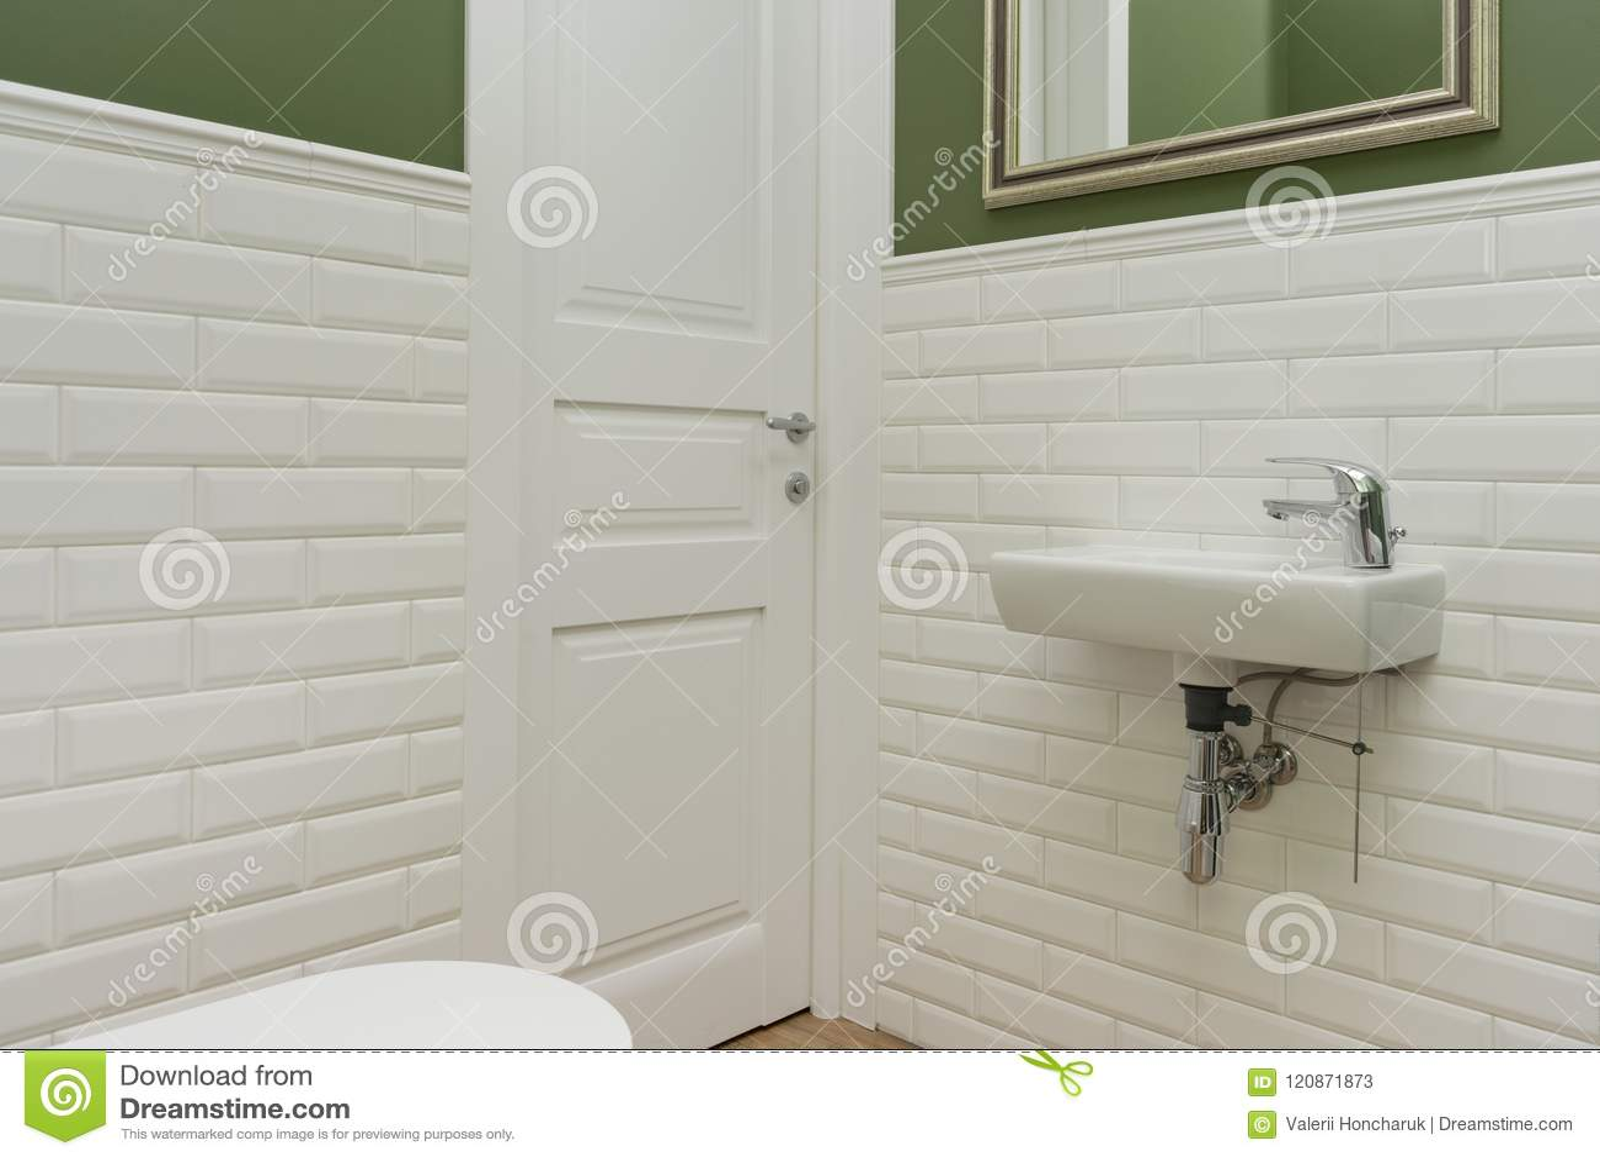 Bagno primo piano dellinterno della stanza della toilette le